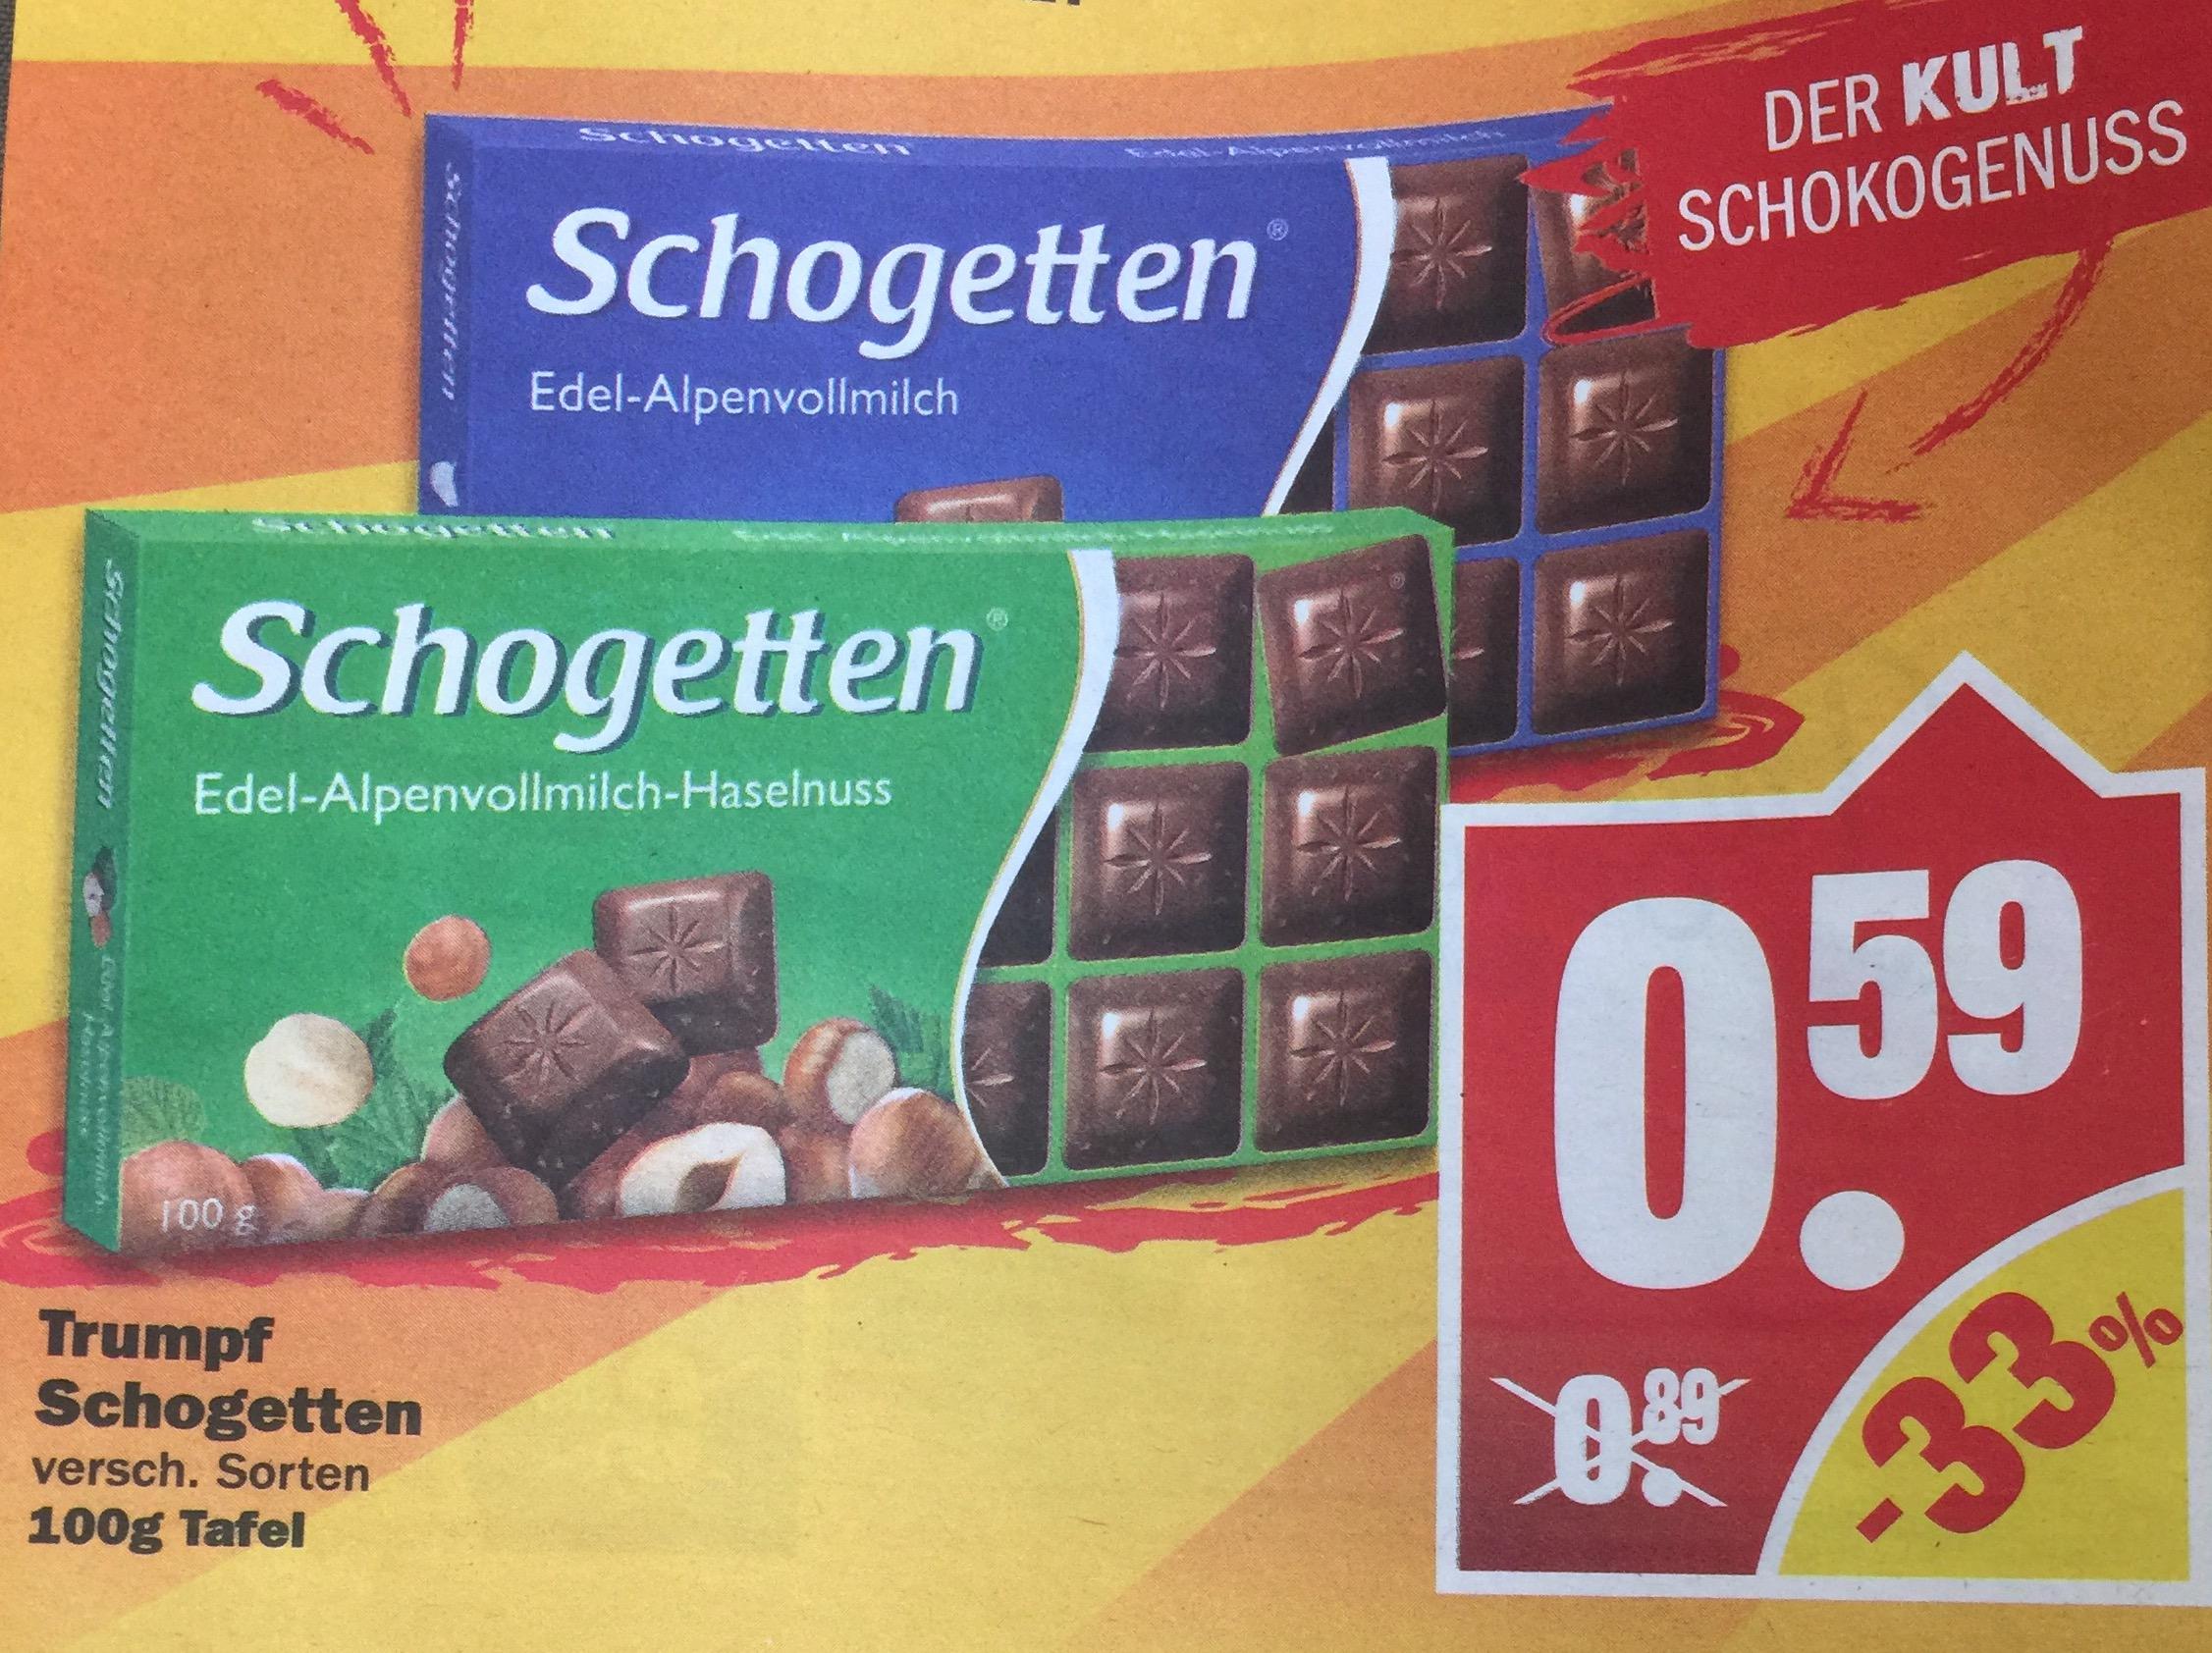 Schogetten Schokolade 100g für 0,59€ [NP]